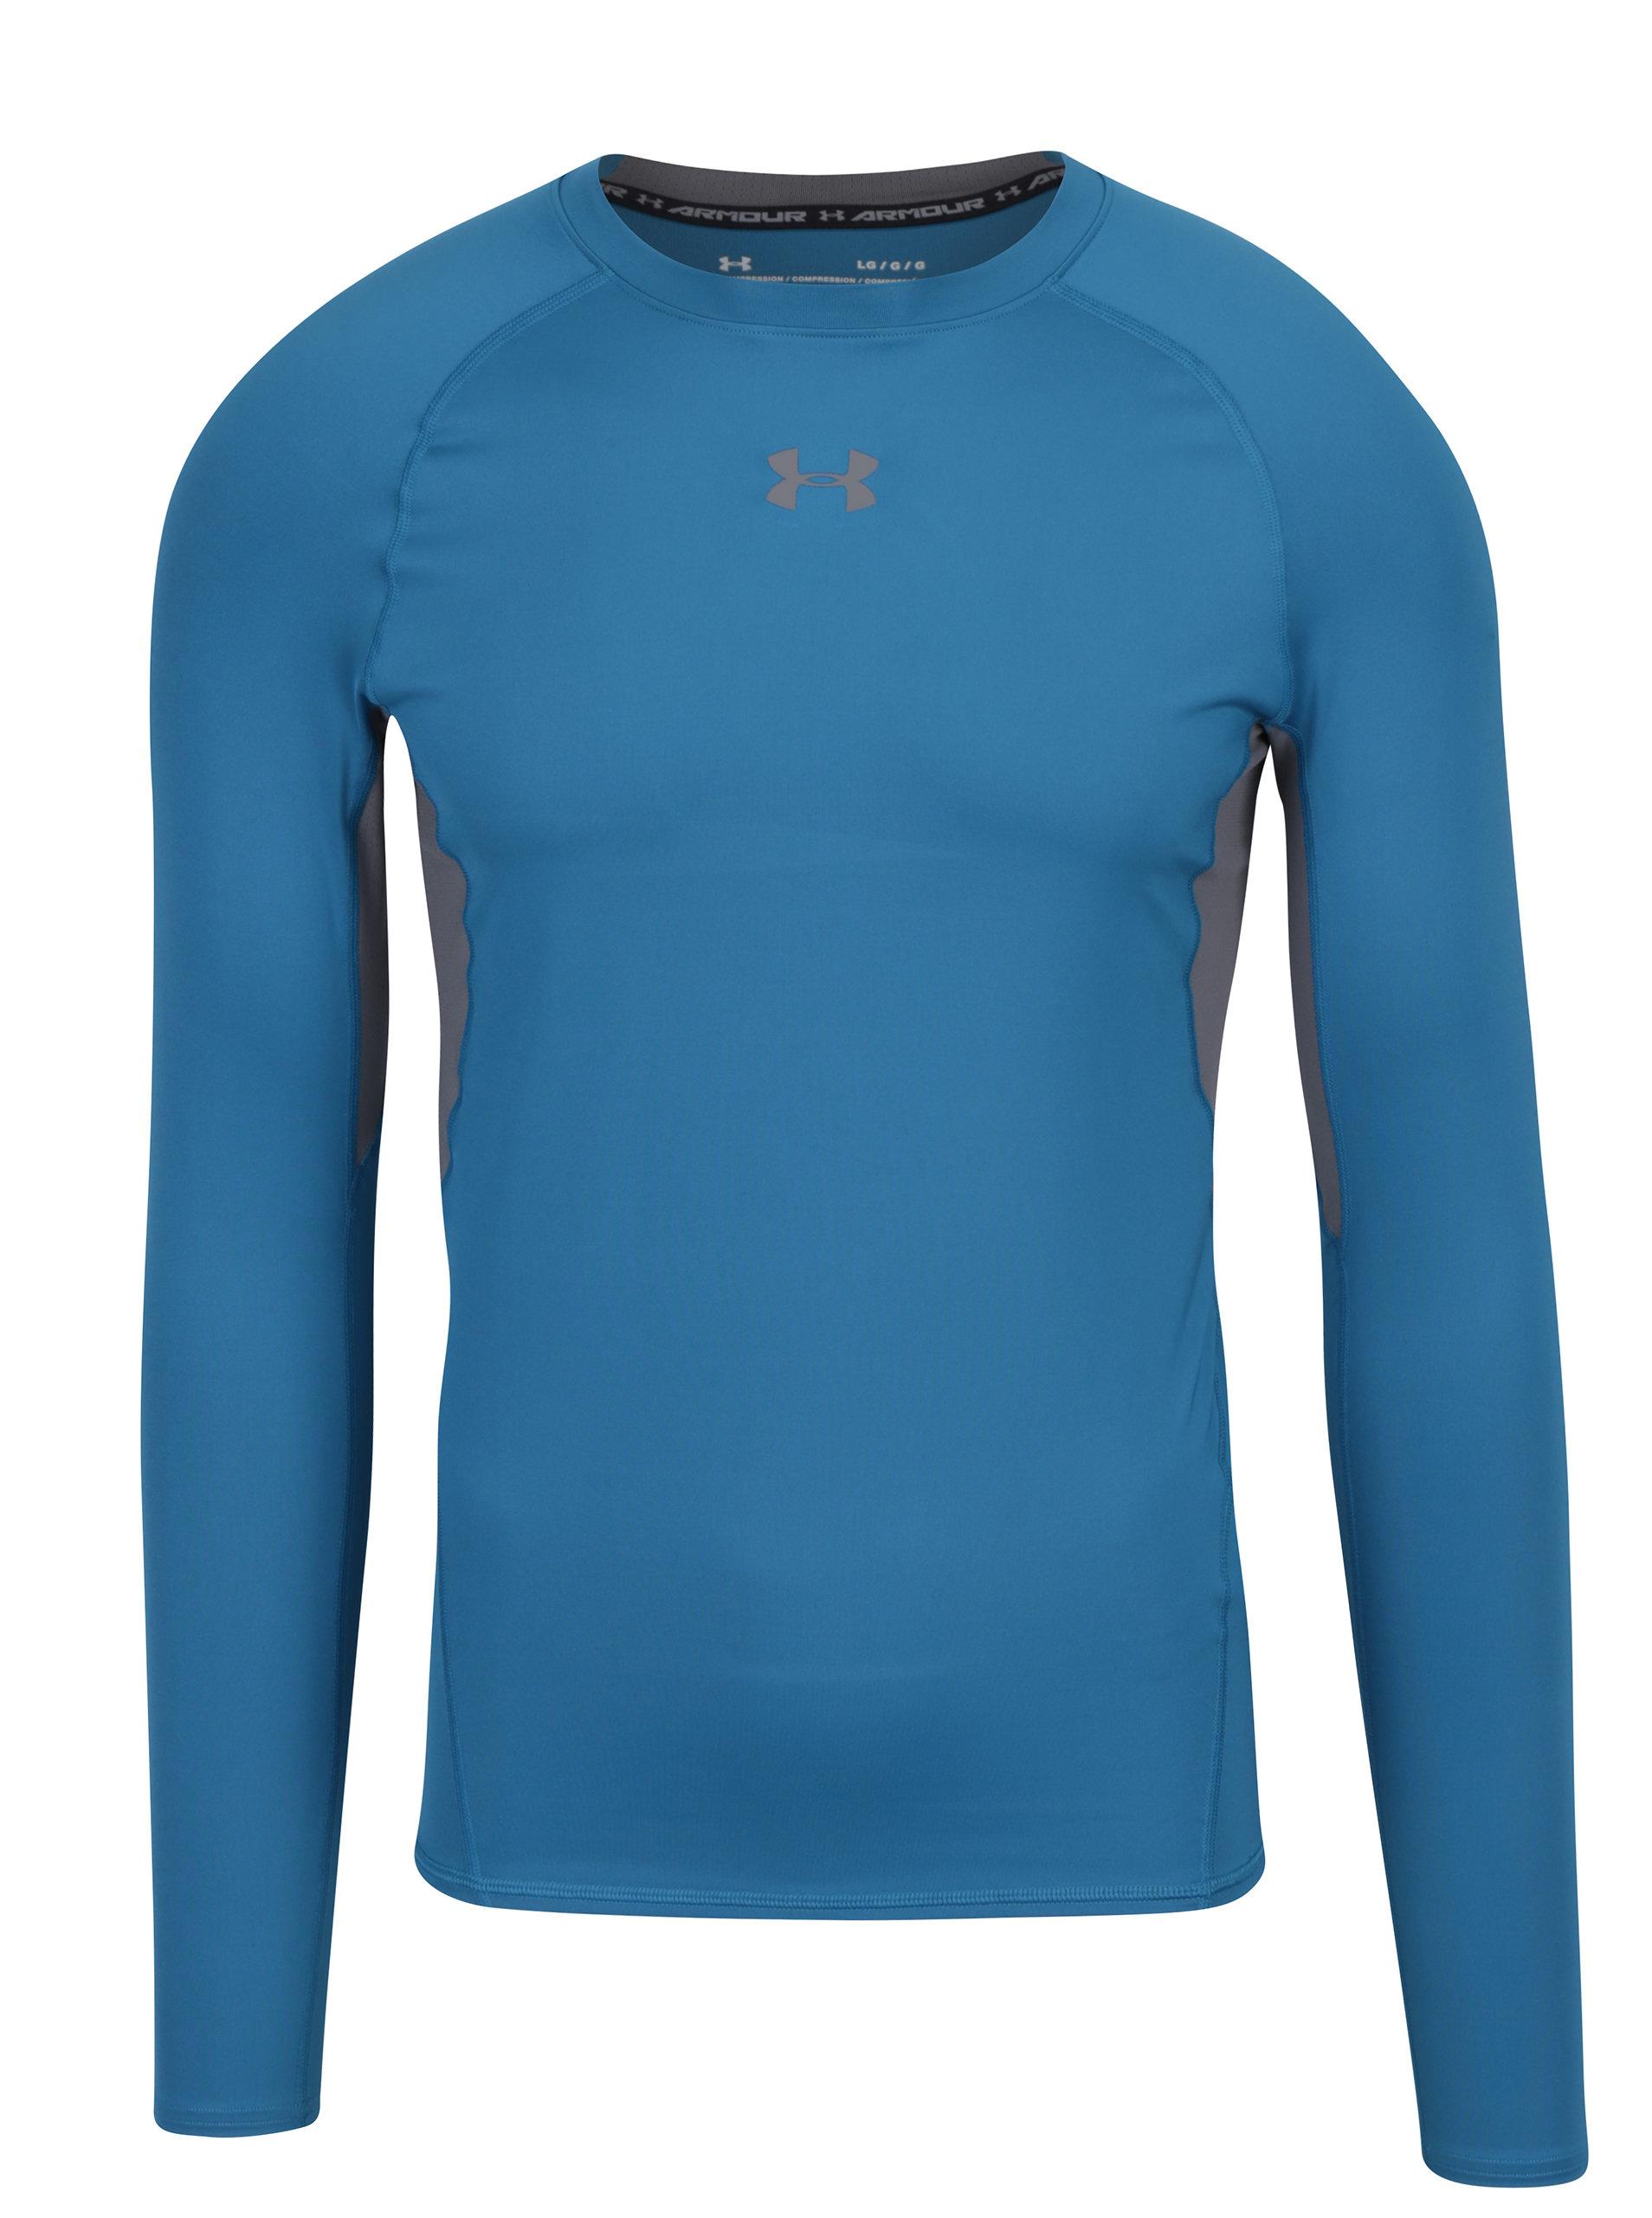 Sivo–modré pánske funkčné tričko s dlhým rukávom Under Armour ... 0b1e4a86fc9